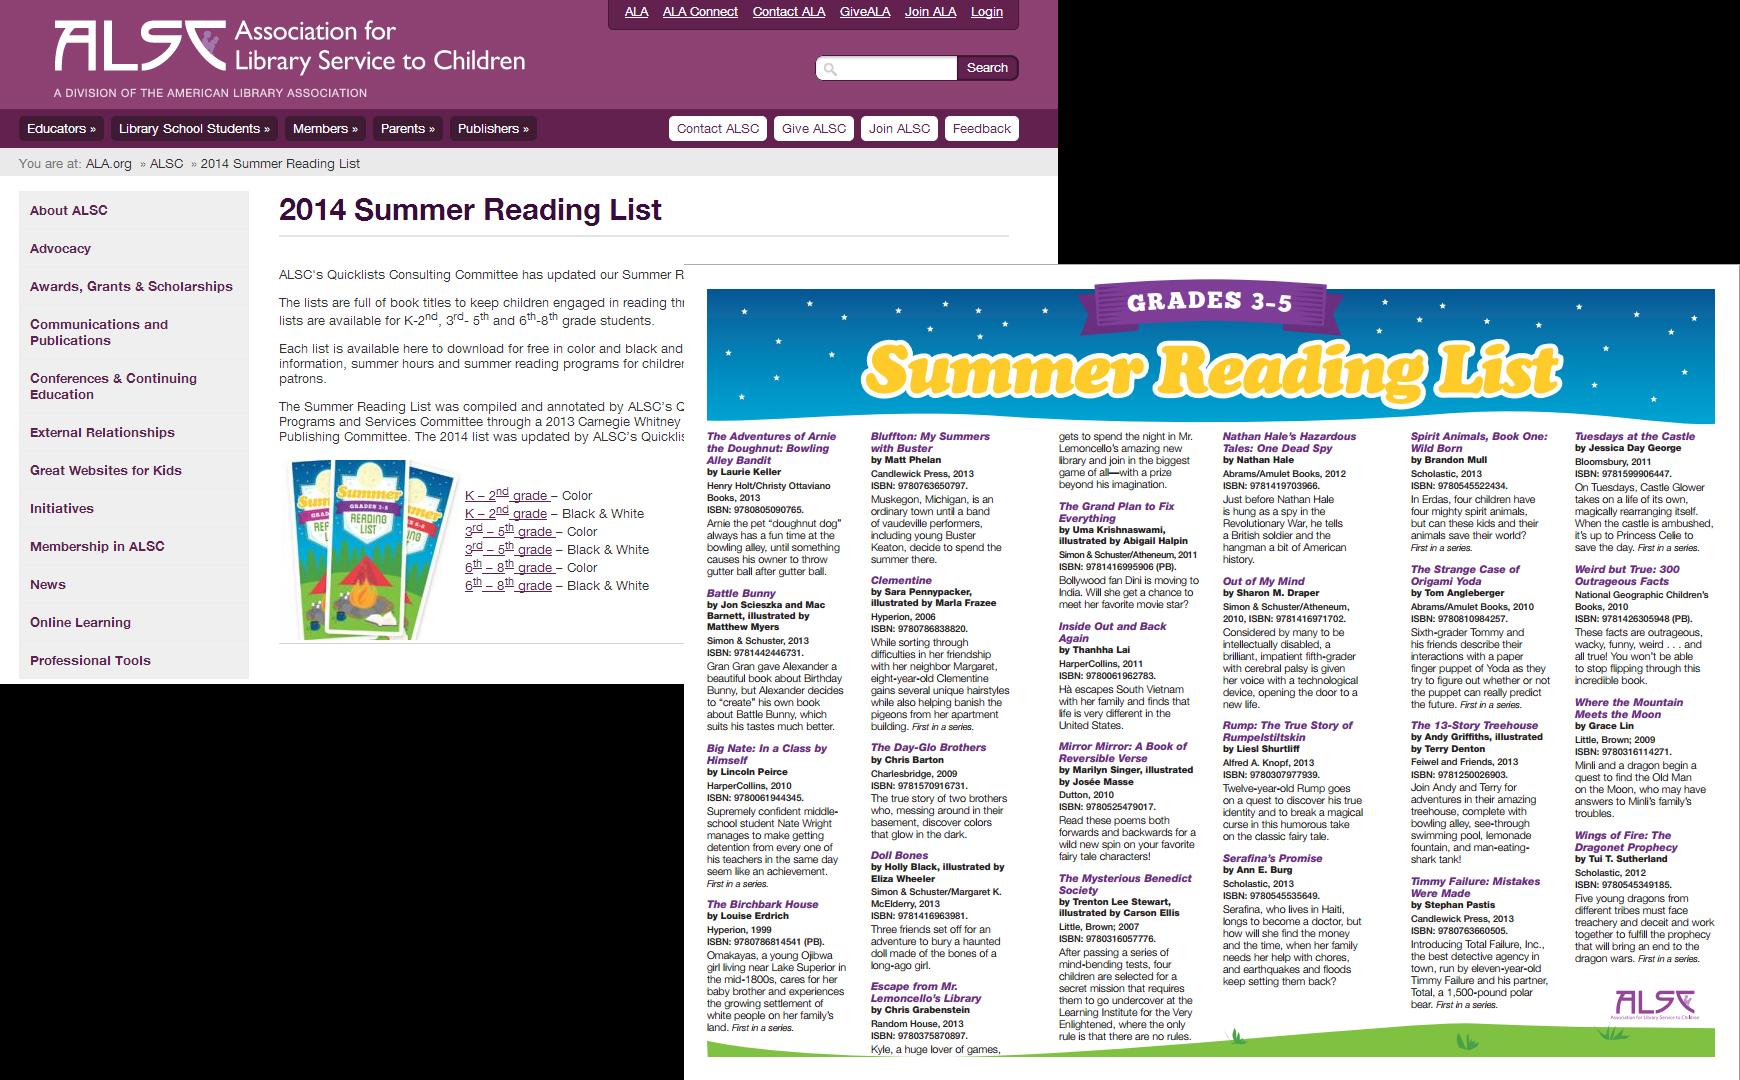 ALSC Summer Reading List